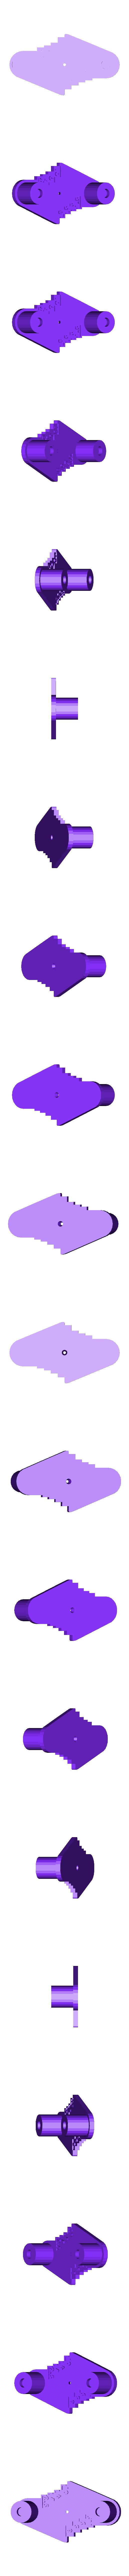 Rockler-Type_Center-Offset_Marking_Tool_Part_1.stl Télécharger fichier STL gratuit Outil de marquage à décalage central de type Rockler (mm métrique) - avec aimants • Design imprimable en 3D, HowardB